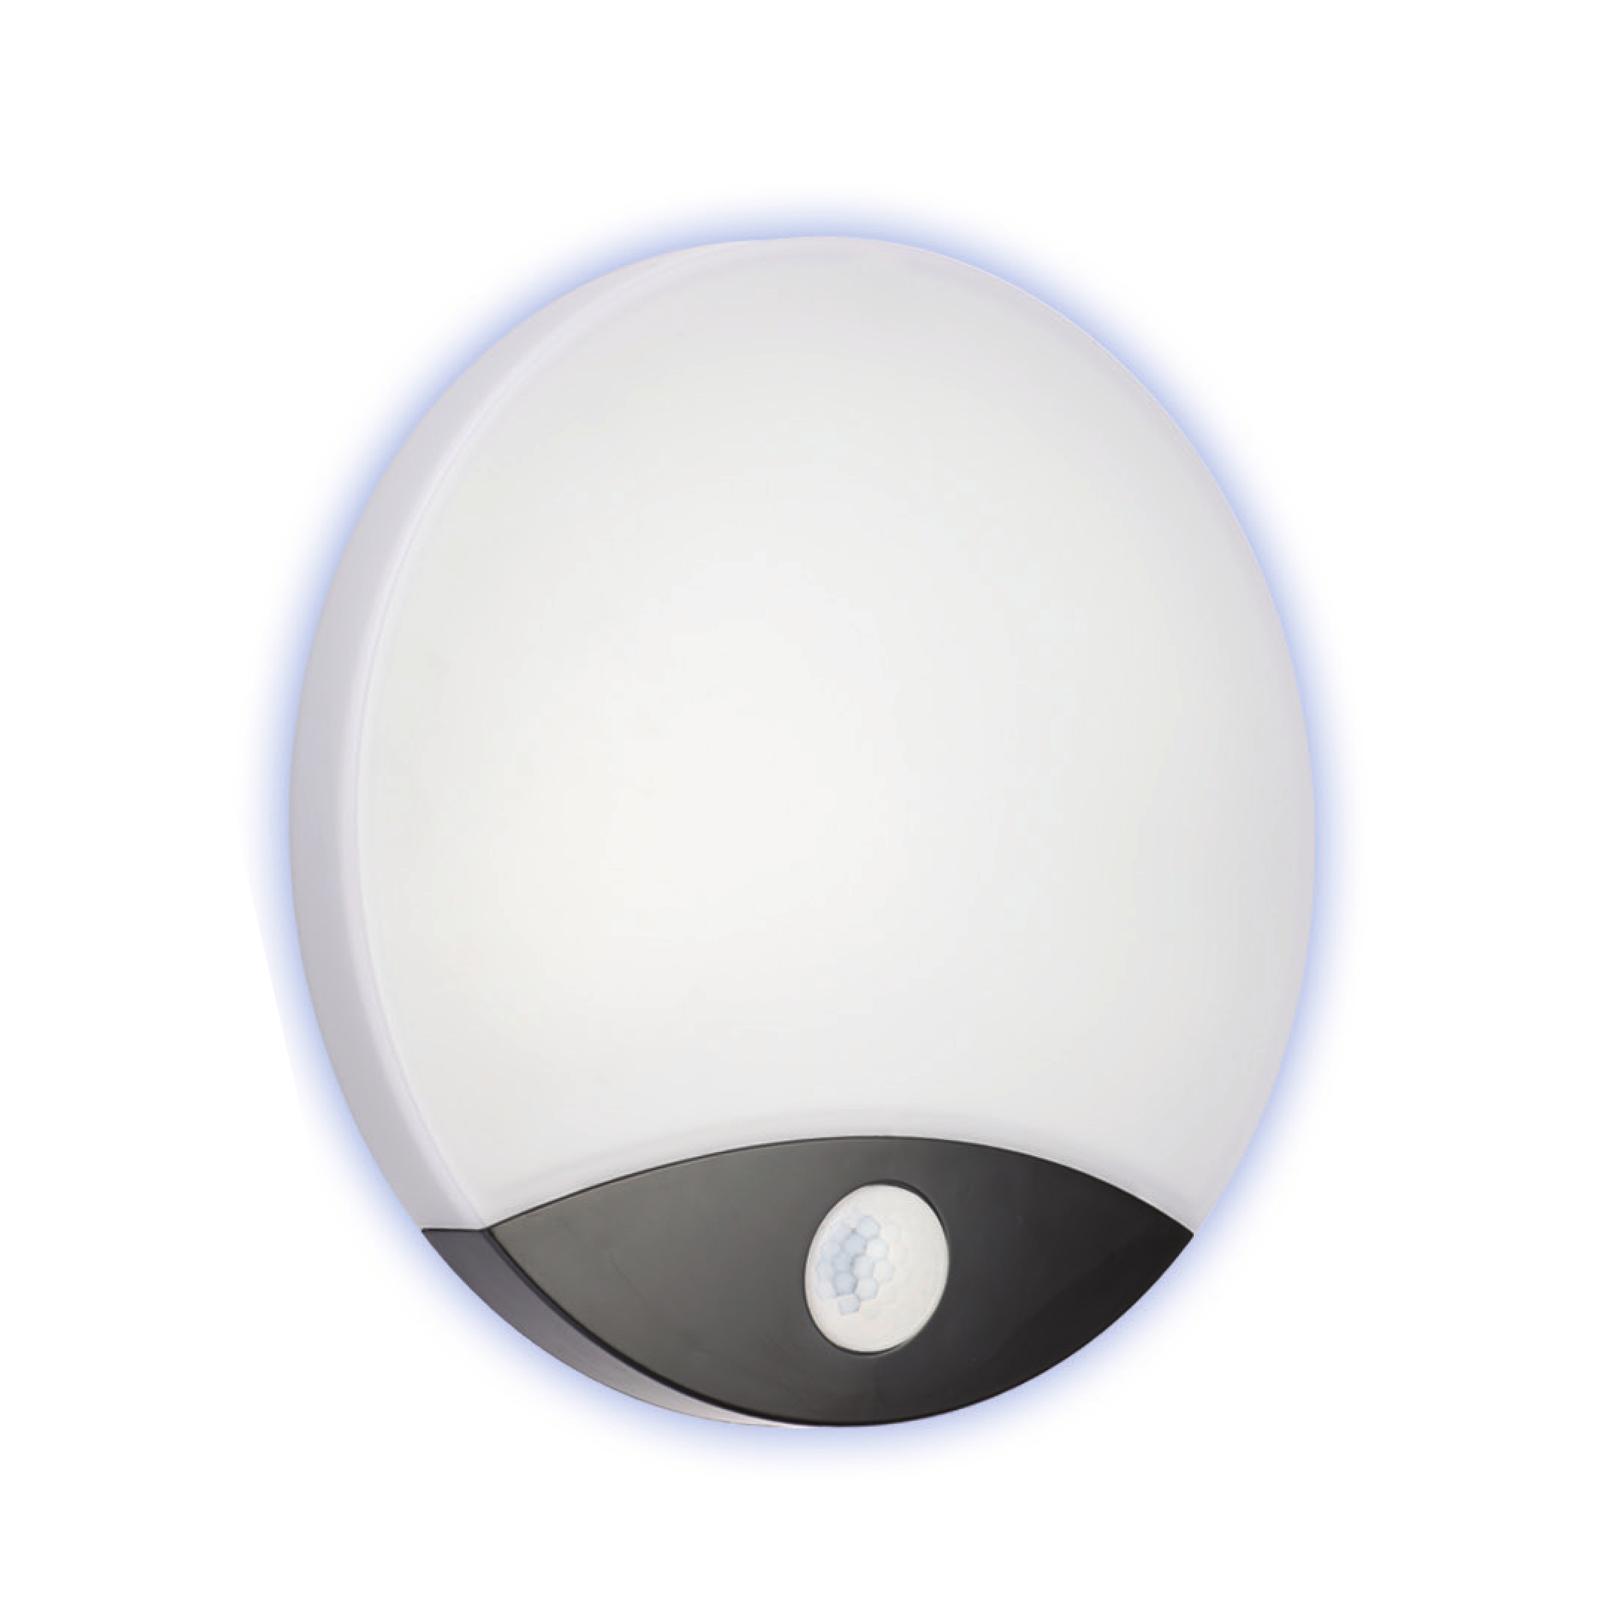 Schema Collegamento Lampada Con Sensore Di Movimento : Plafoniera per esterni con sensore di movimento smontare plafoniera